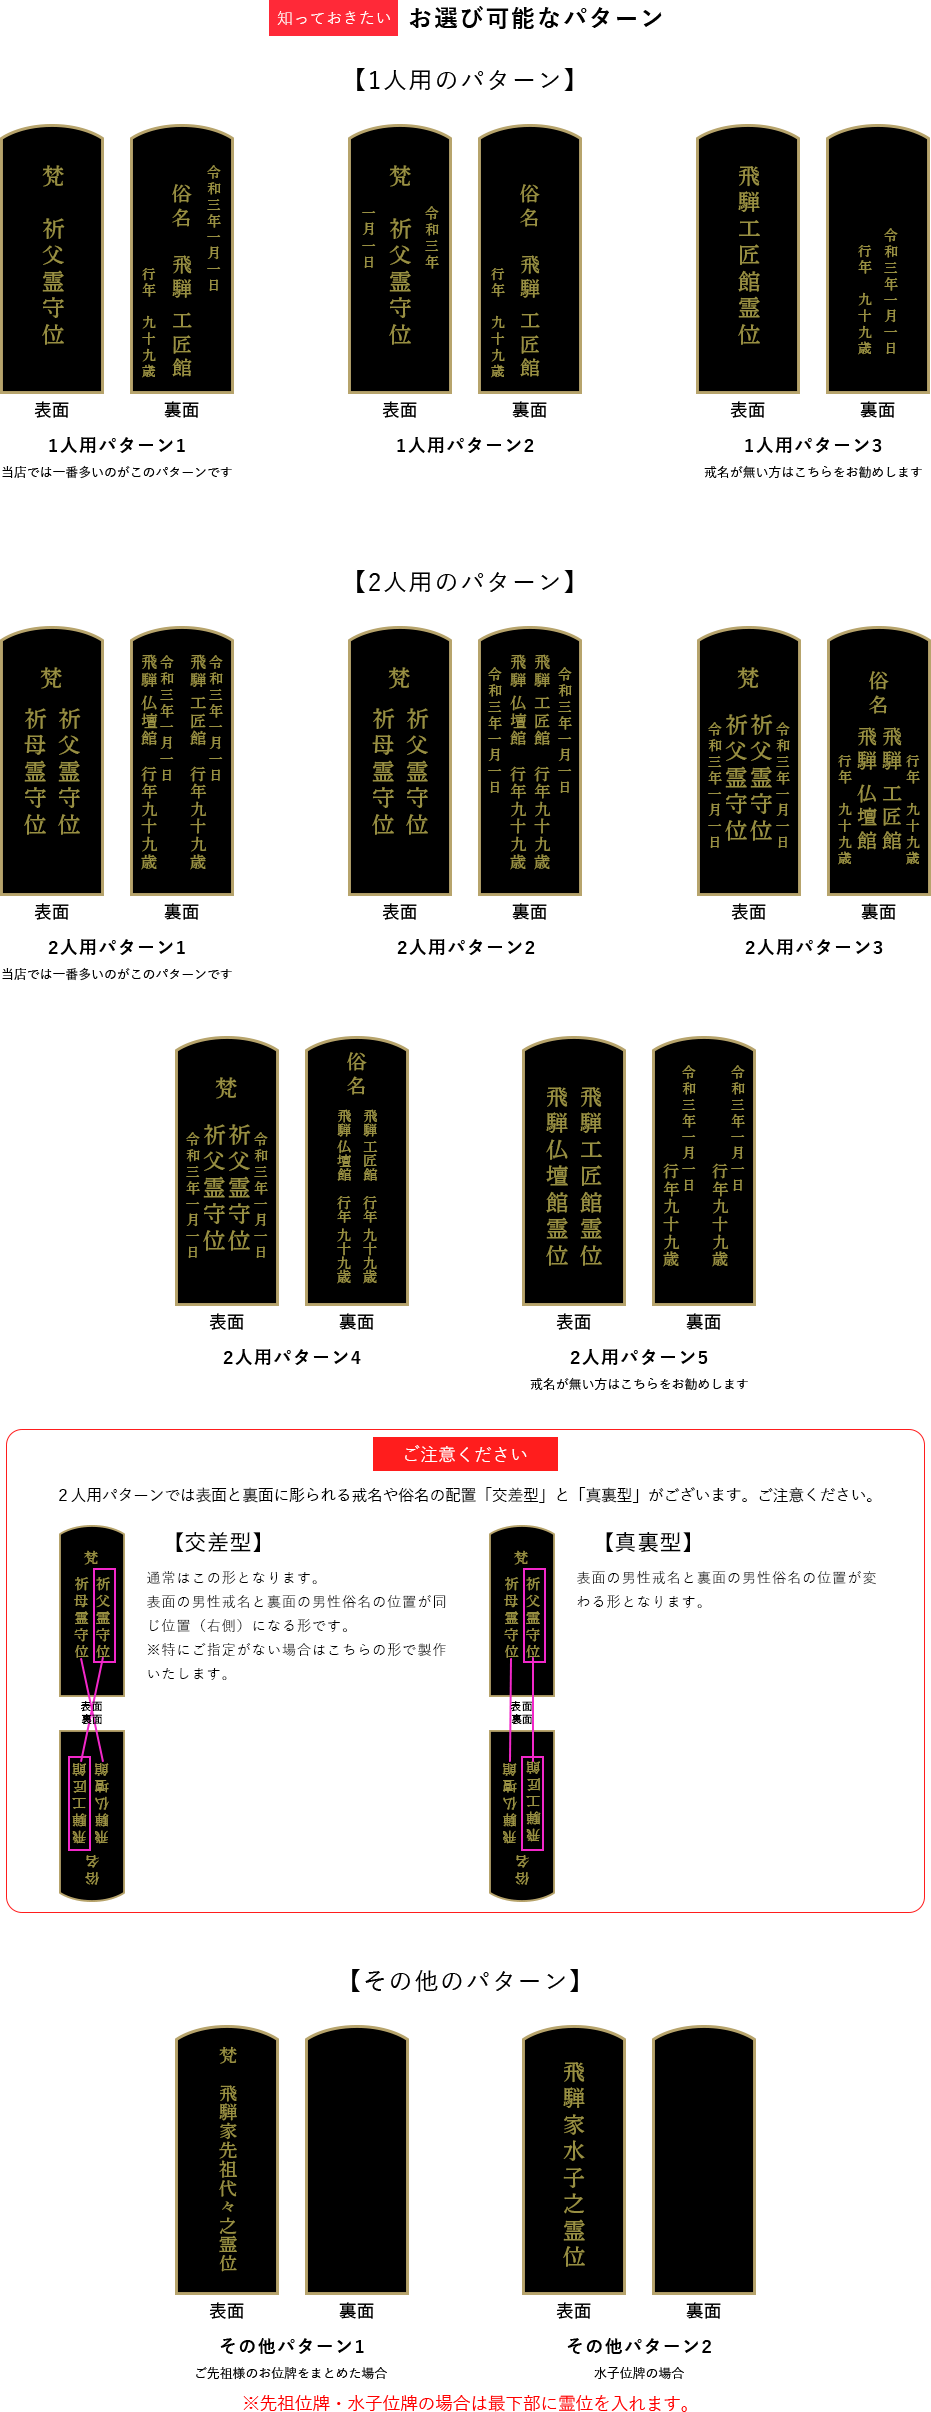 位牌のパターン